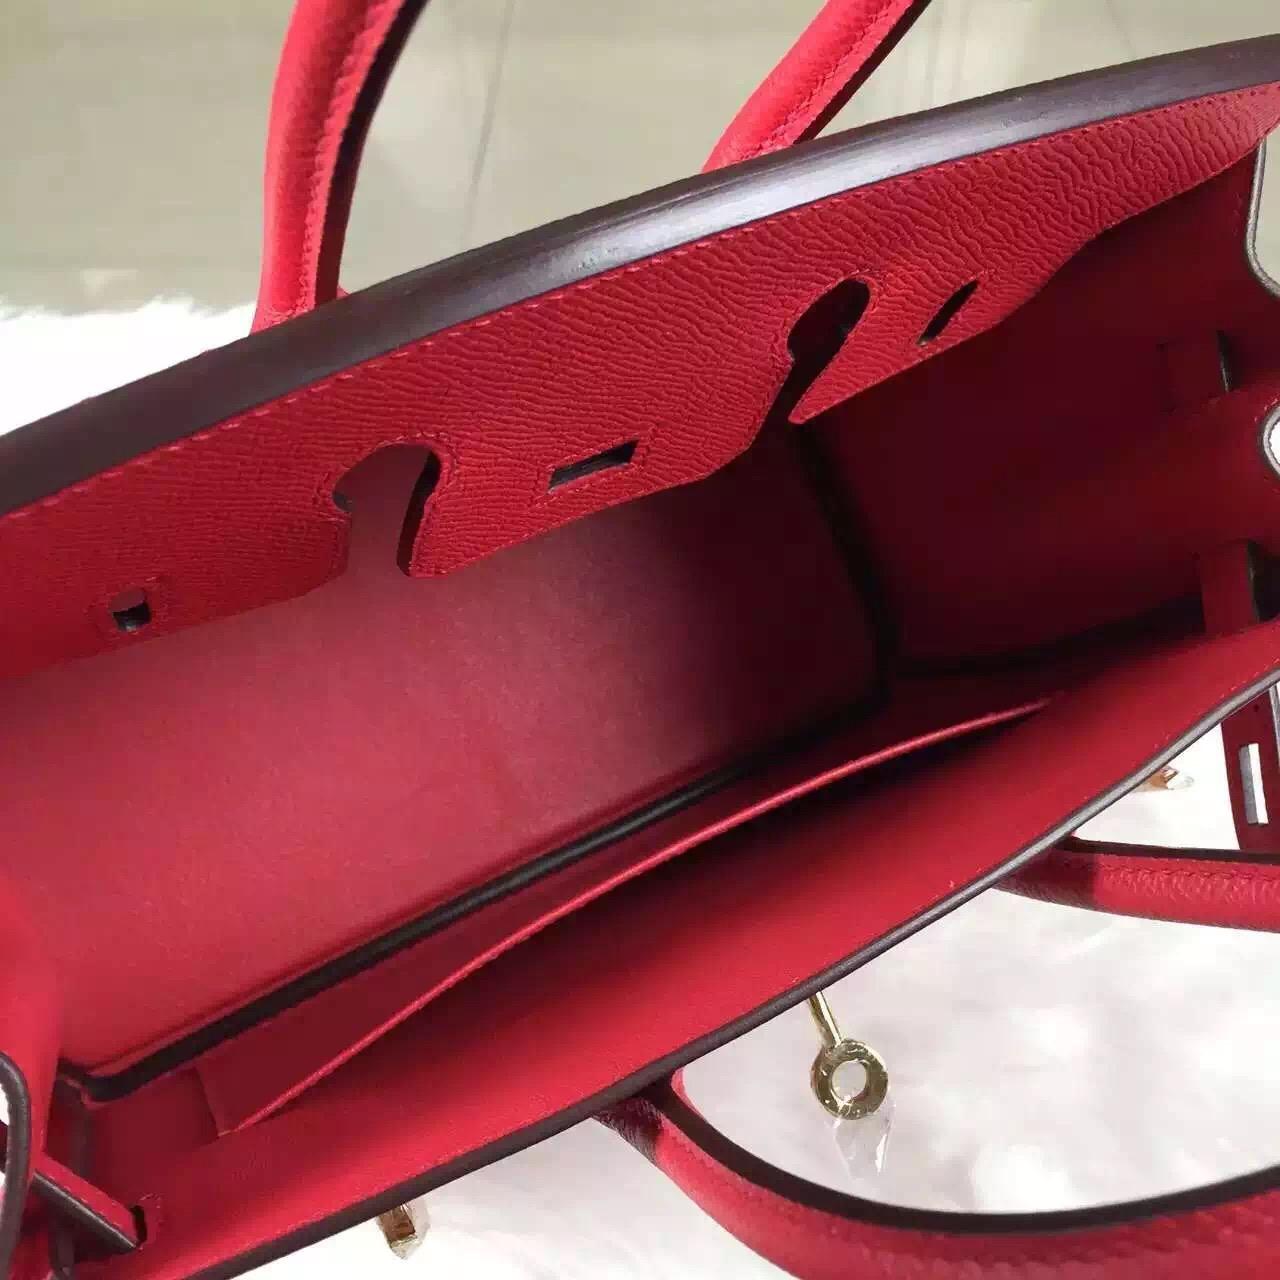 Customized Hermes Epsom Calfskin Birkin25 in 8V Orange Poppy